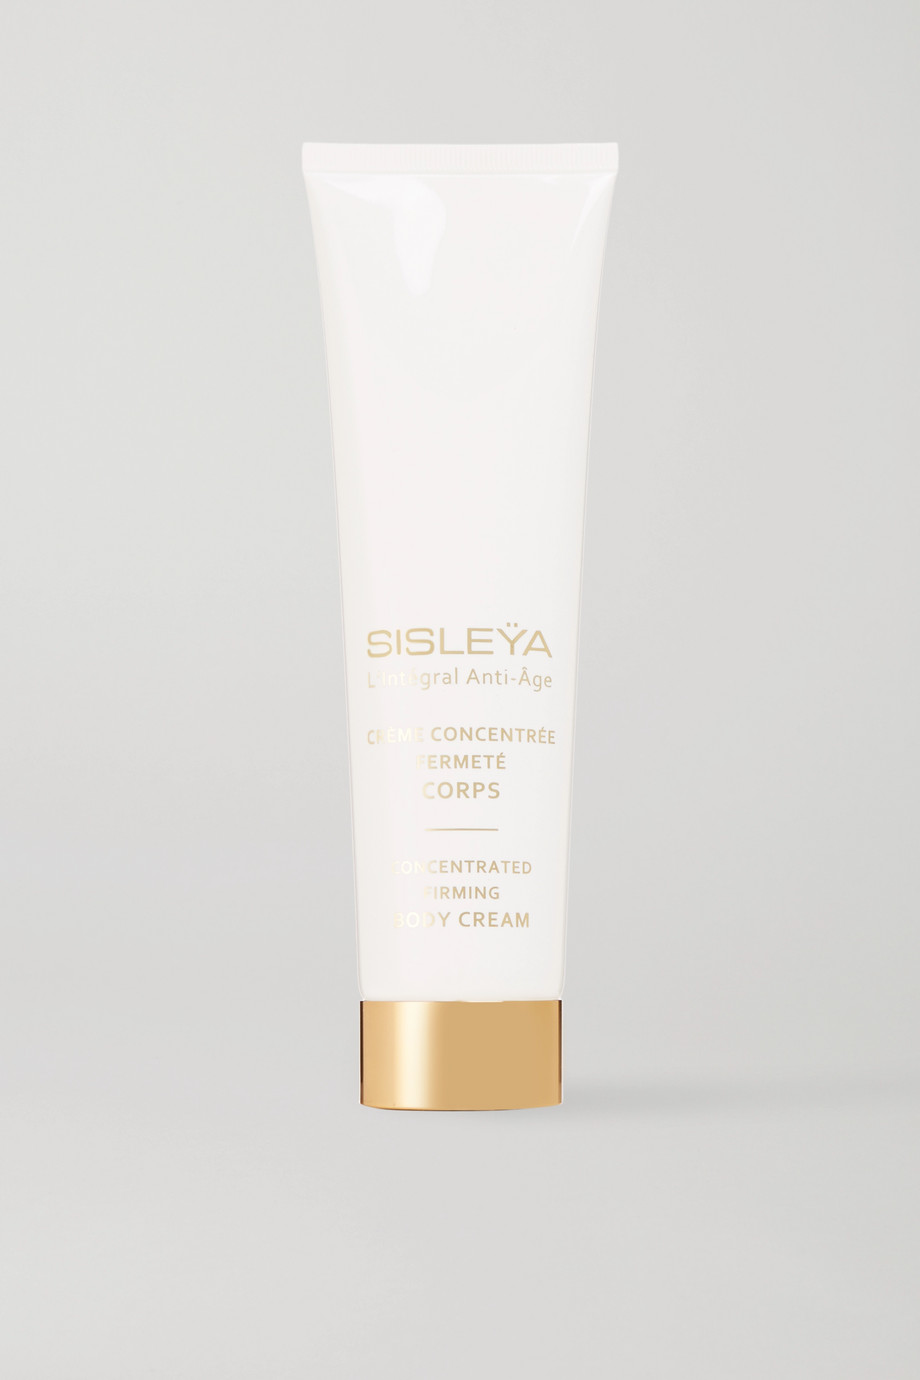 Sisley Crème concentrée fermeté pour le corps Sisleÿa L'Intégral Anti-Âge